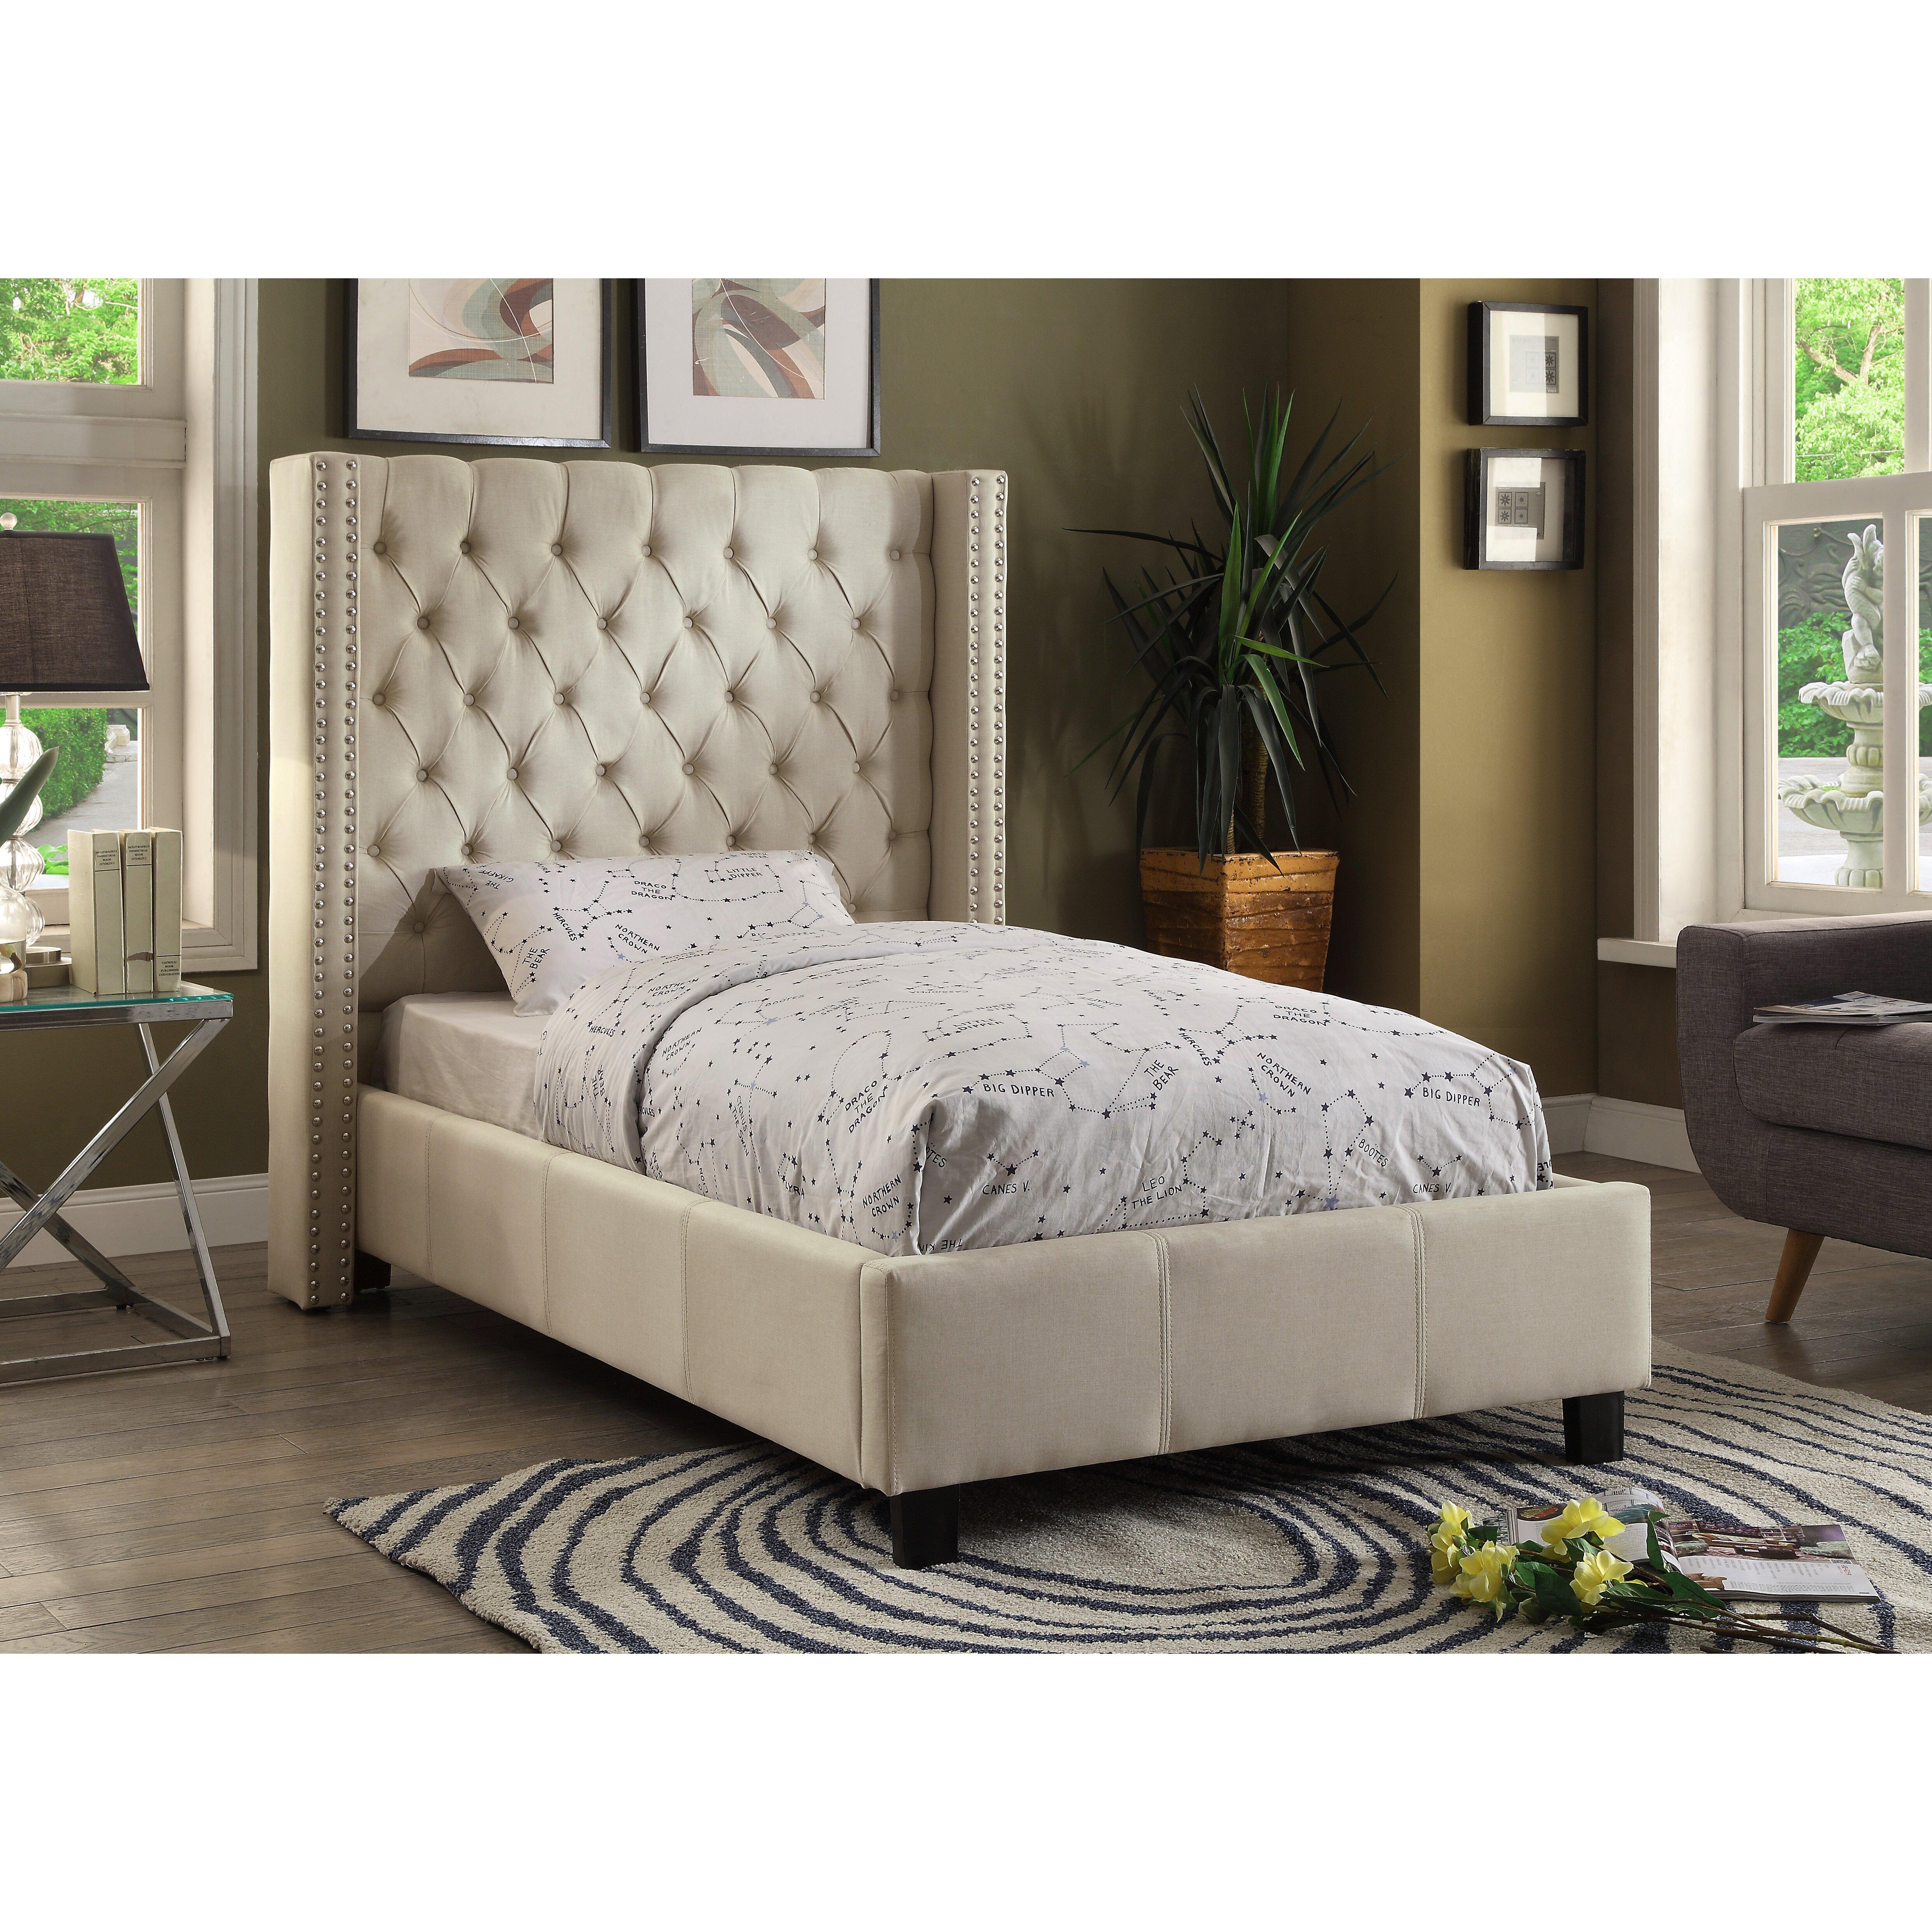 Meridian Furniture Usa Upholstered Platform Bed Reviews